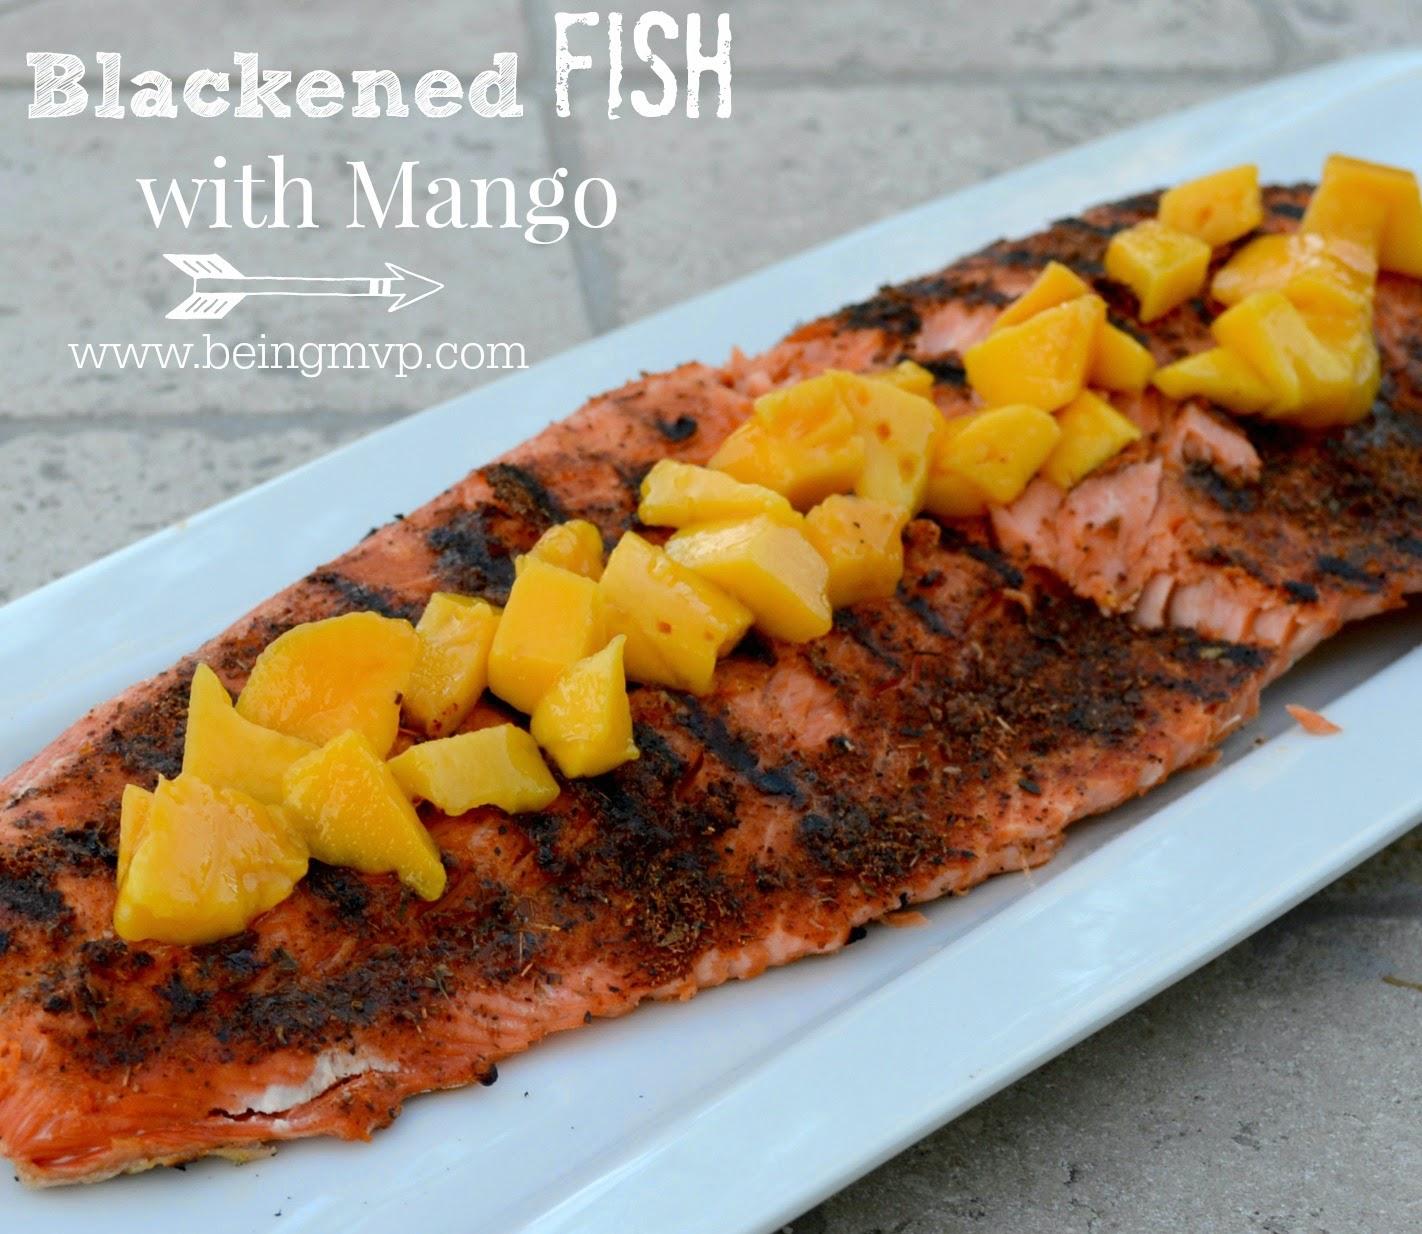 Being mvp blackened fish with mango recipe for Blackened fish recipe